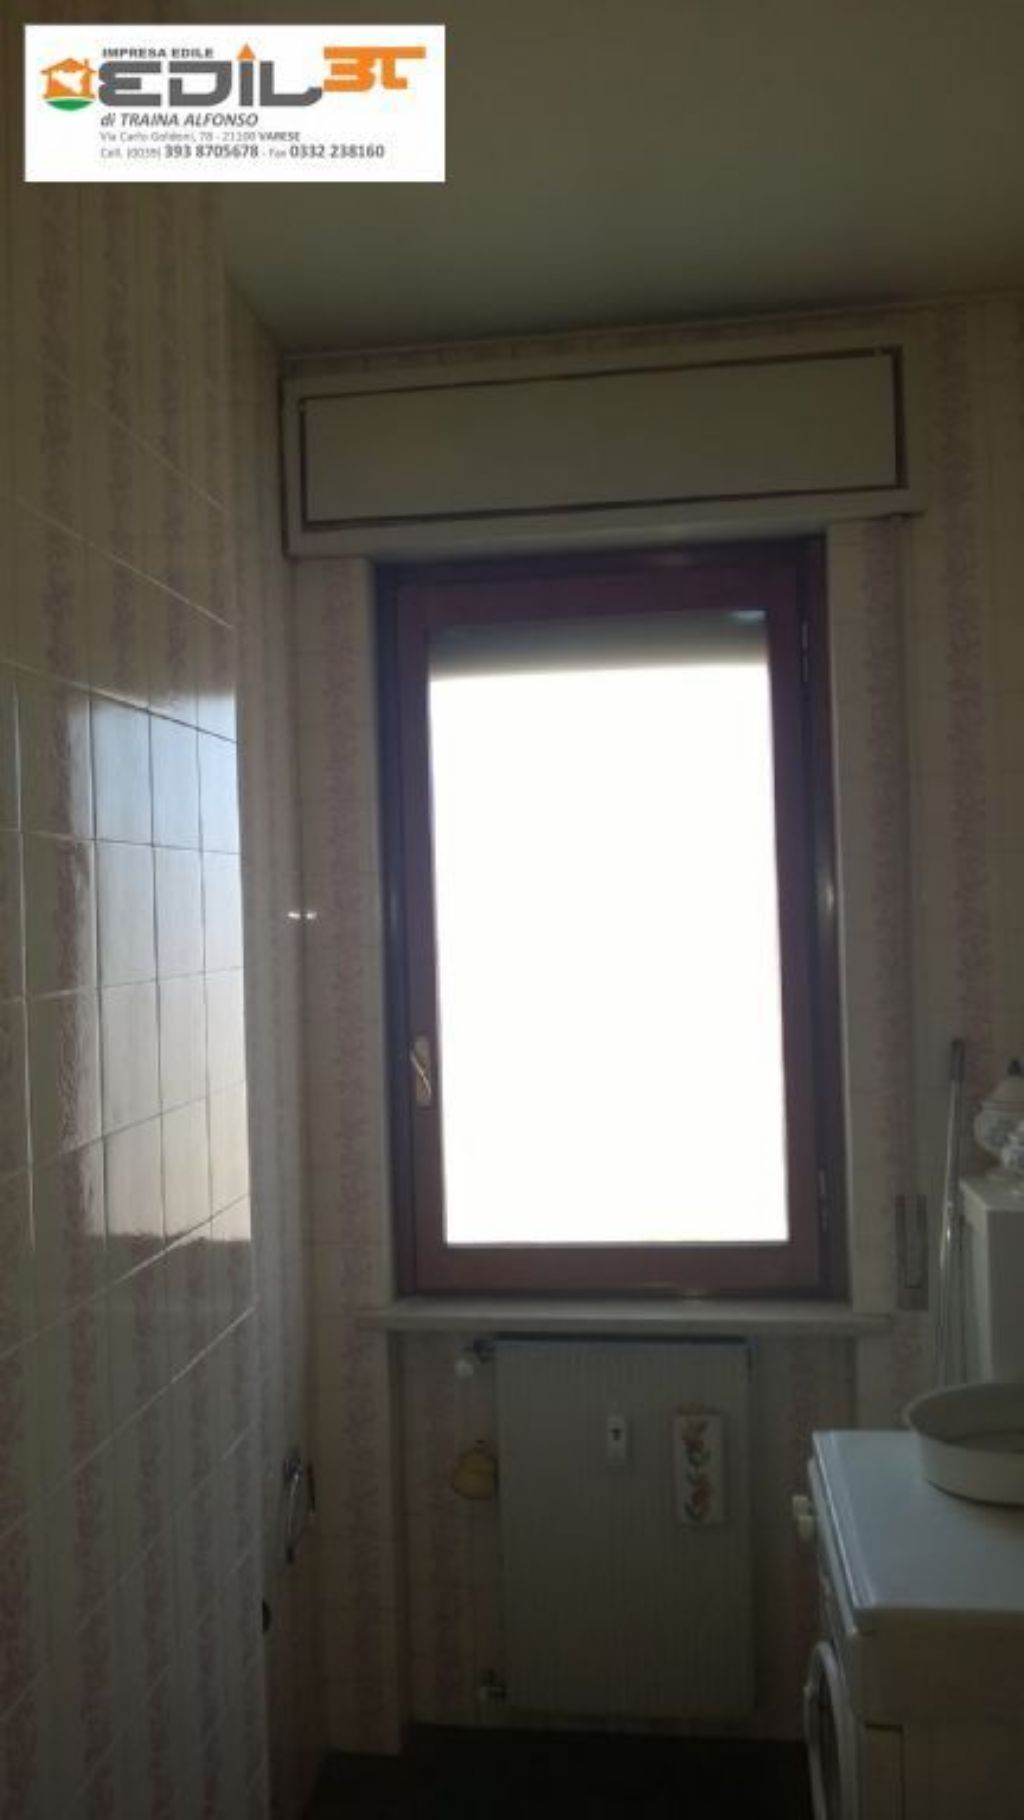 Parete Attrezzata Bagno. Mobile Bagno In Cartongesso Avienixcom For With Parete Attrezzata Bagno ...